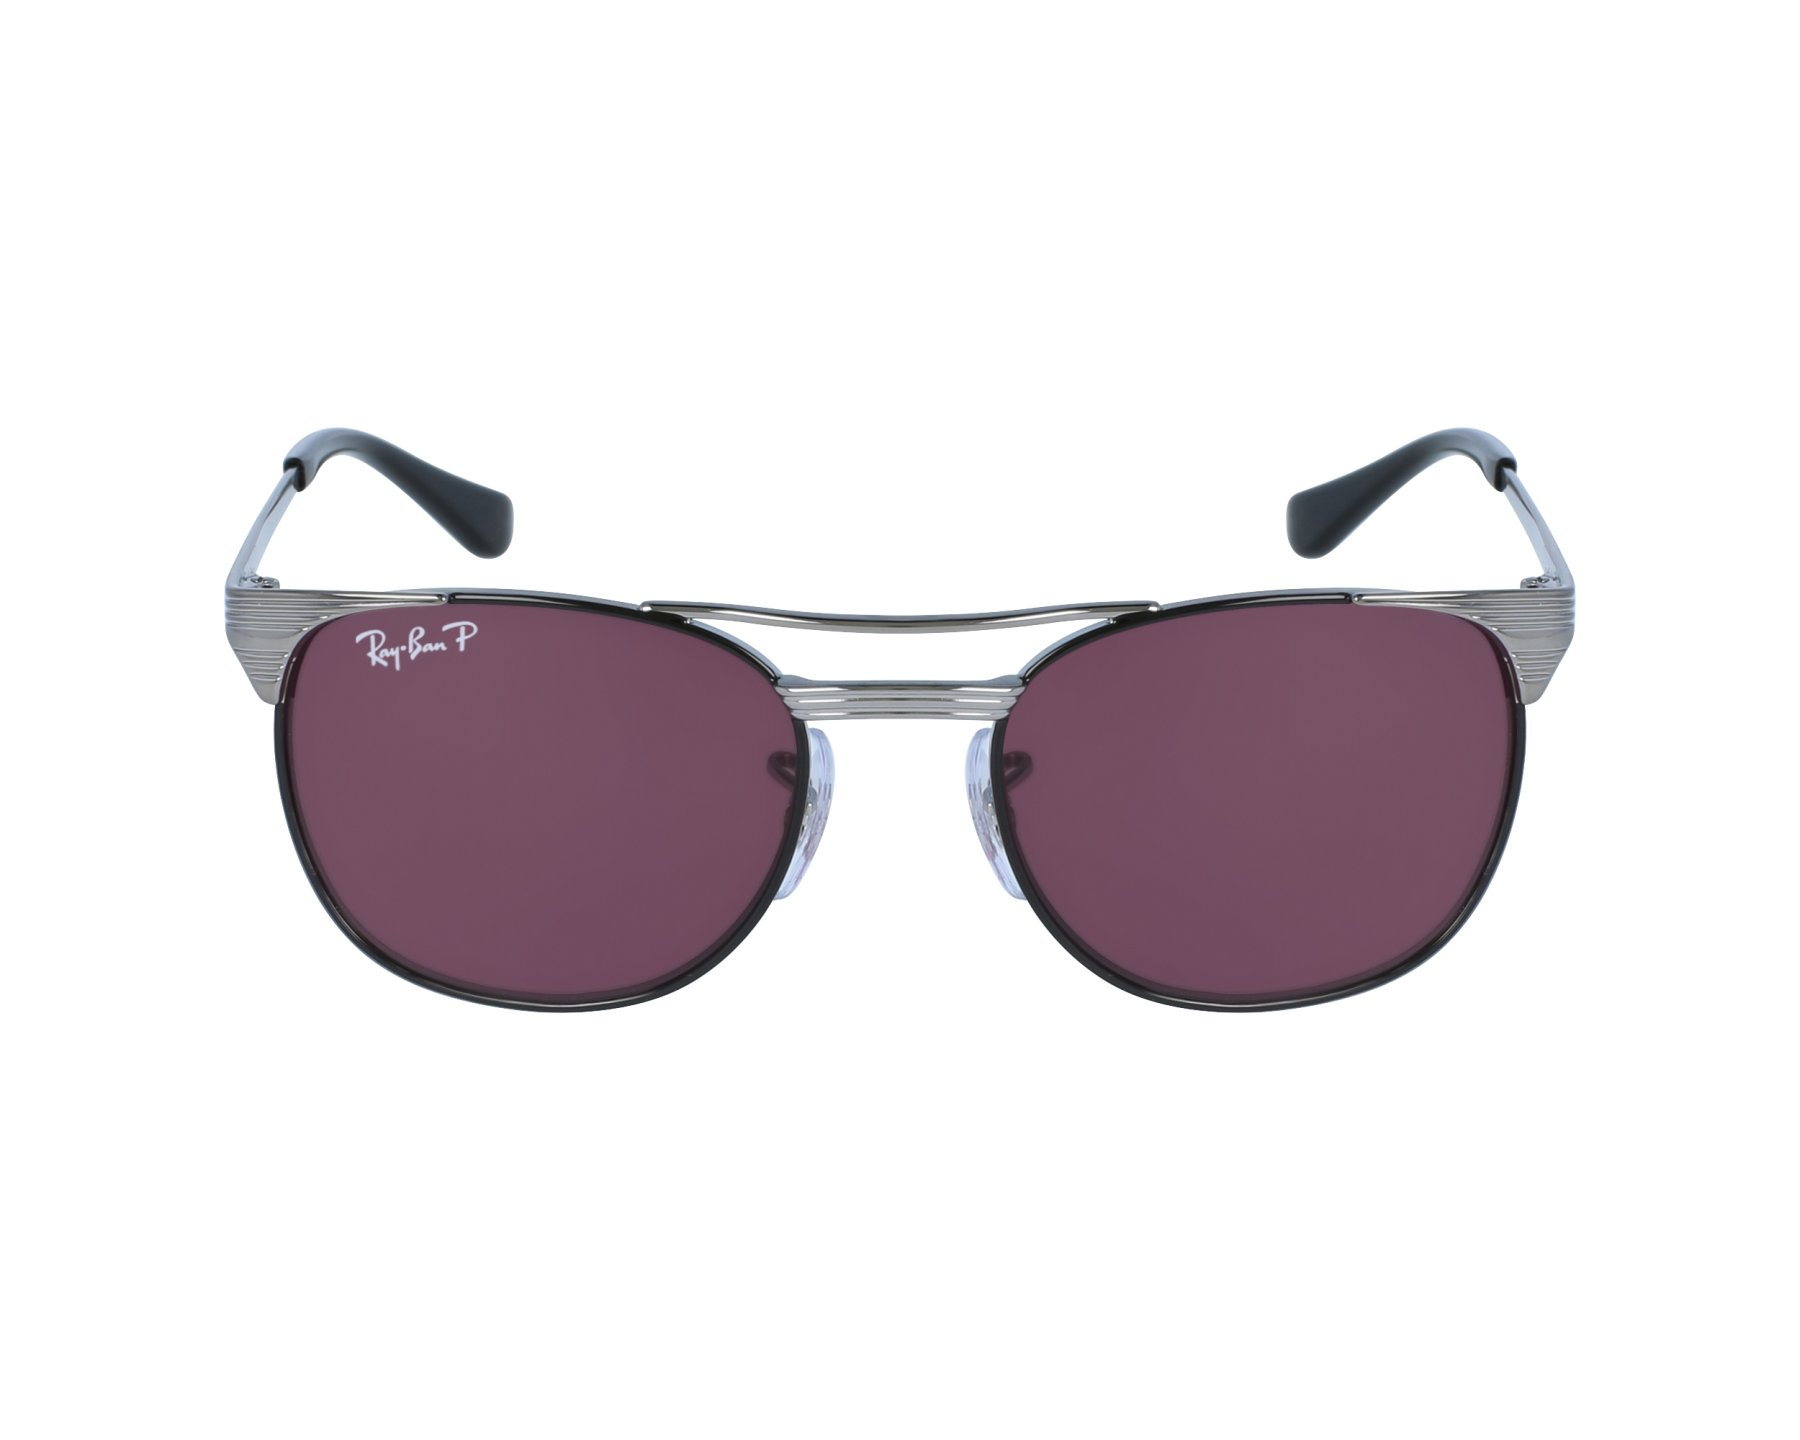 384e83b927 previsualización Gafas de sol Ray-Ban RJ-9540-S 259/5Q 47